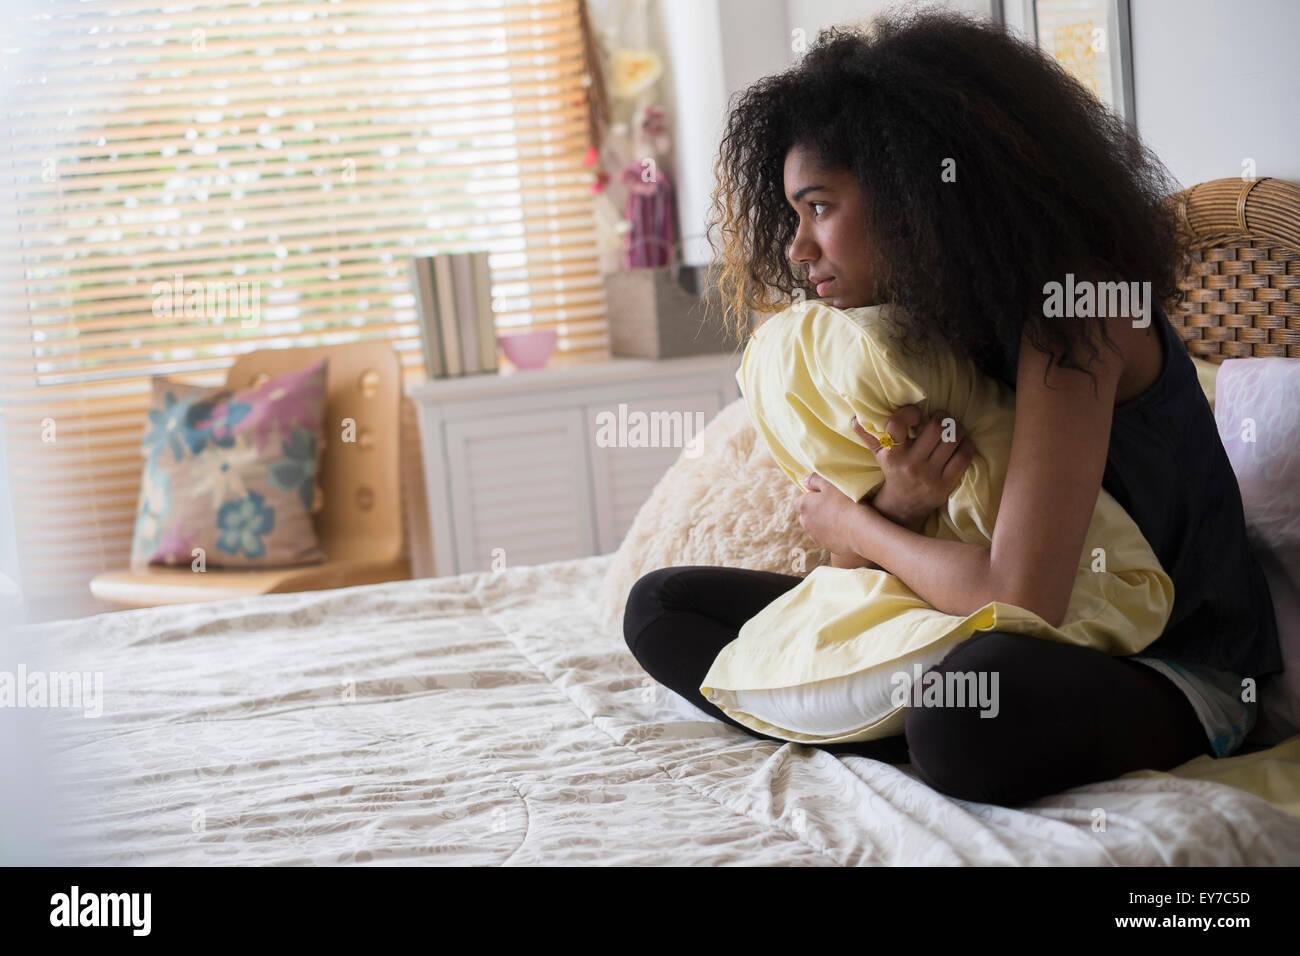 Teenage girl (14-15) assis sur le lit, embrassant oreiller Photo Stock